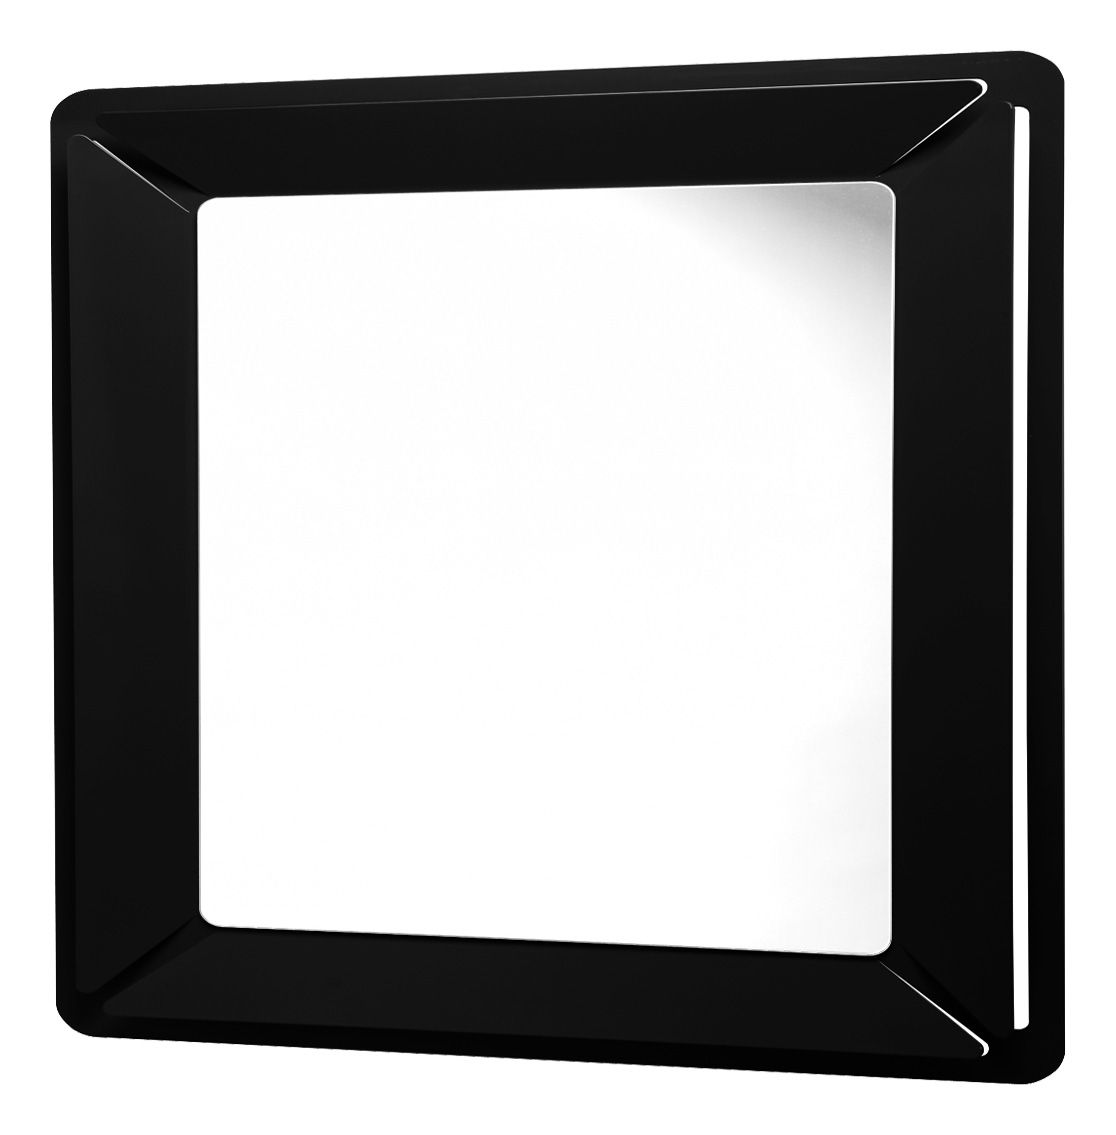 Miroir see me square 90 x 90 cm noir officina nove for Miroir noir dvd